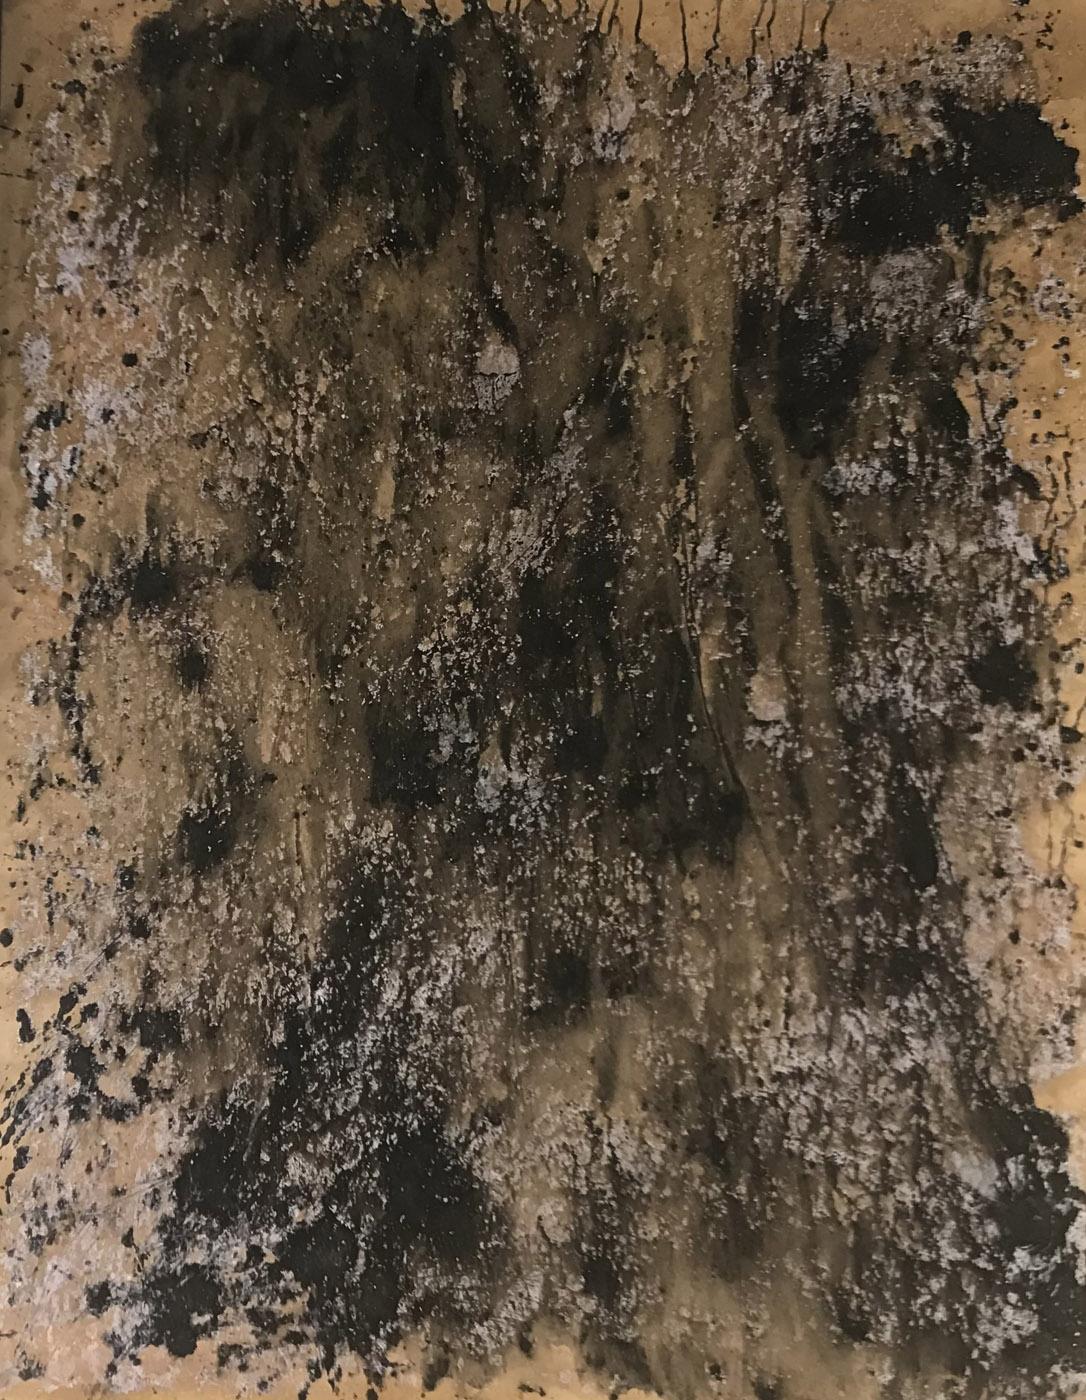 MARC FELD 2021 ÉBOULIS 2 série MURAILLES MÉMOIRES Huile gouache et acrylique sur papier 130 x 96 cm